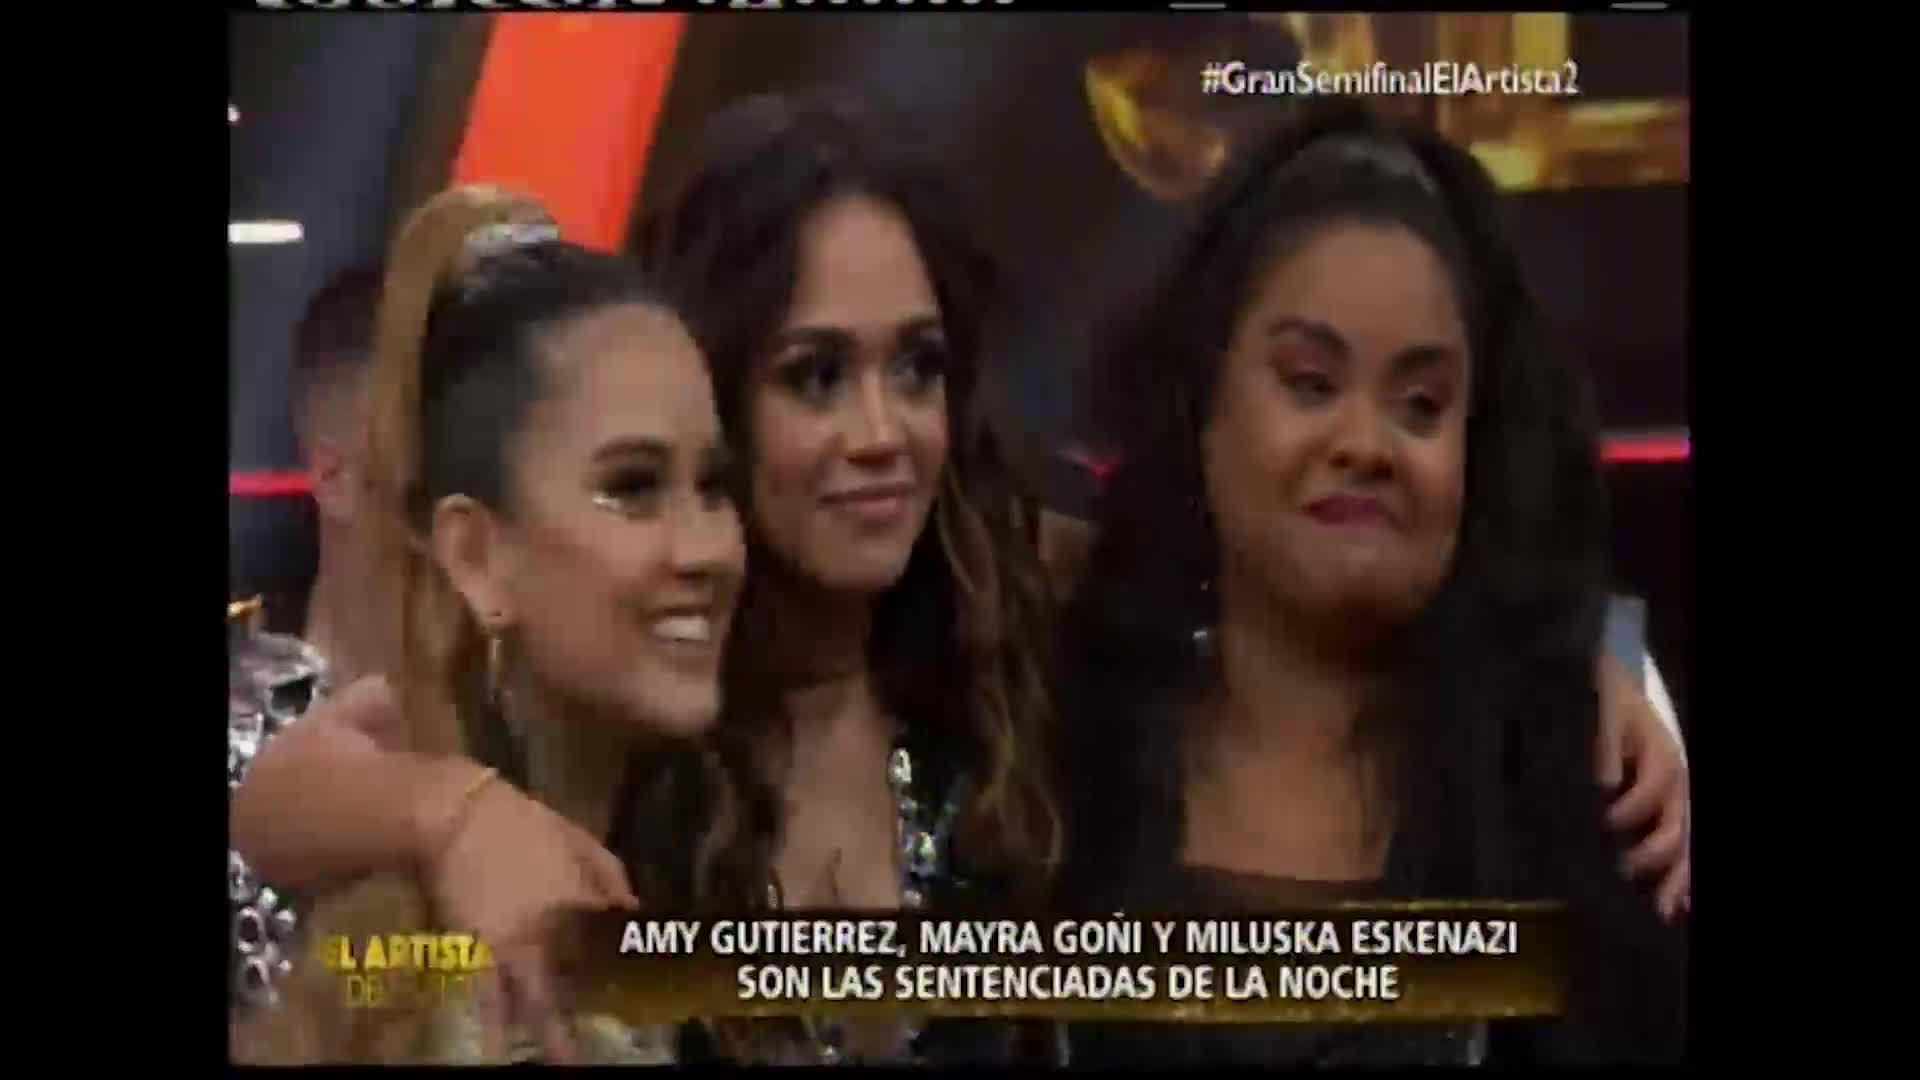 """Mayra Goñi, Amy G y Miluska Eskenazi son las sentenciadas en """"El artista del año"""""""